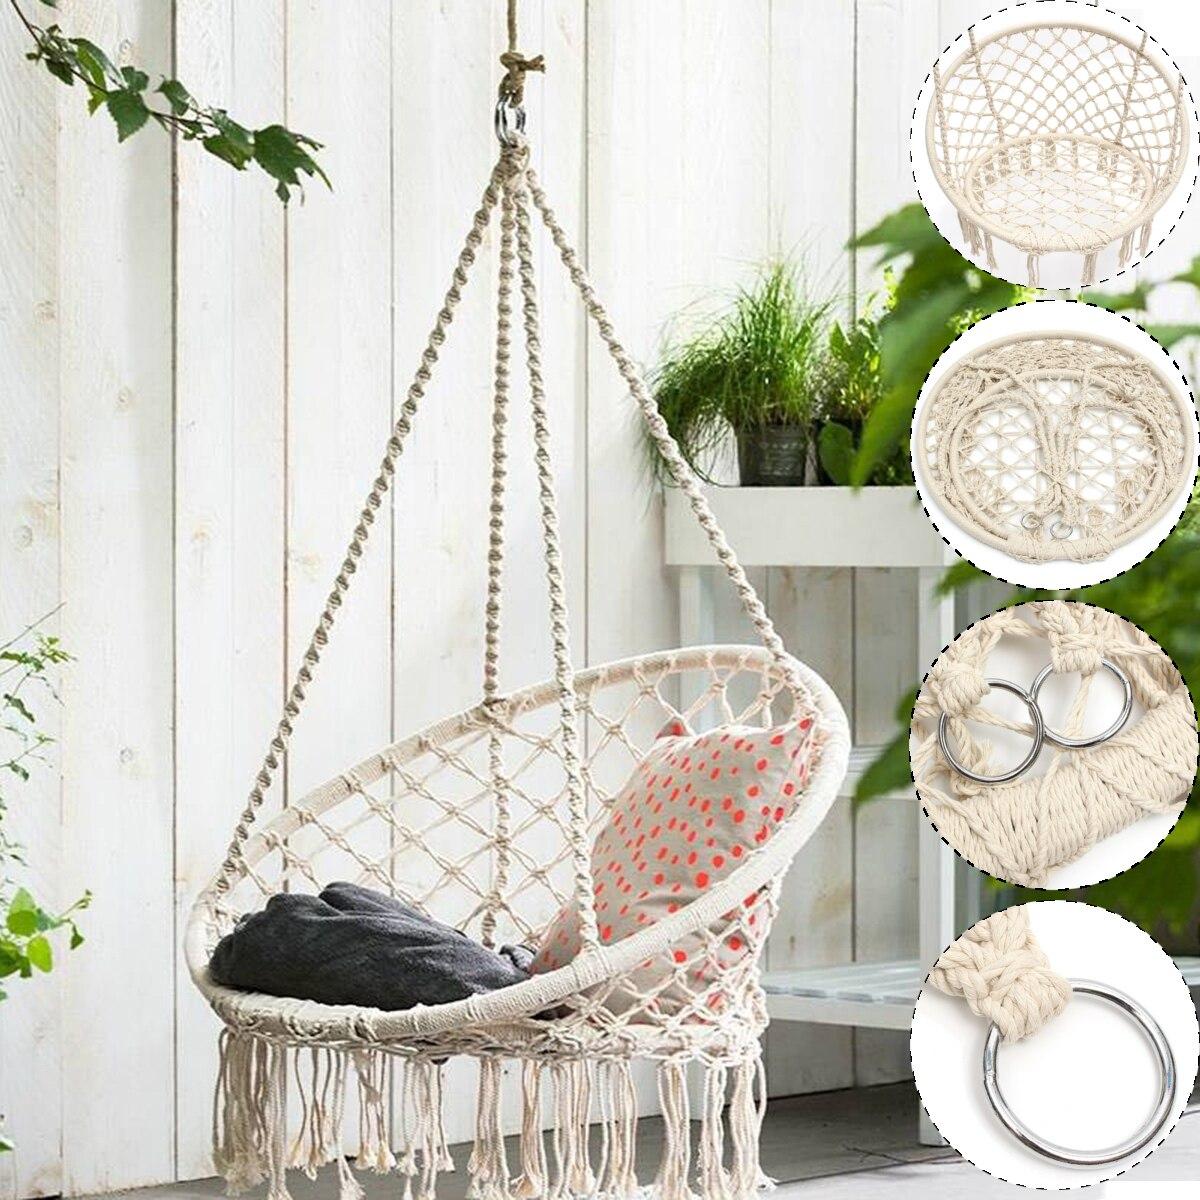 Nordic Katoenen Touw Hangmat Stoel Handgemaakte Gebreide Indoor Outdoor Kids Swing Bed Volwassen Swingende Opknoping Stoel Hangmat